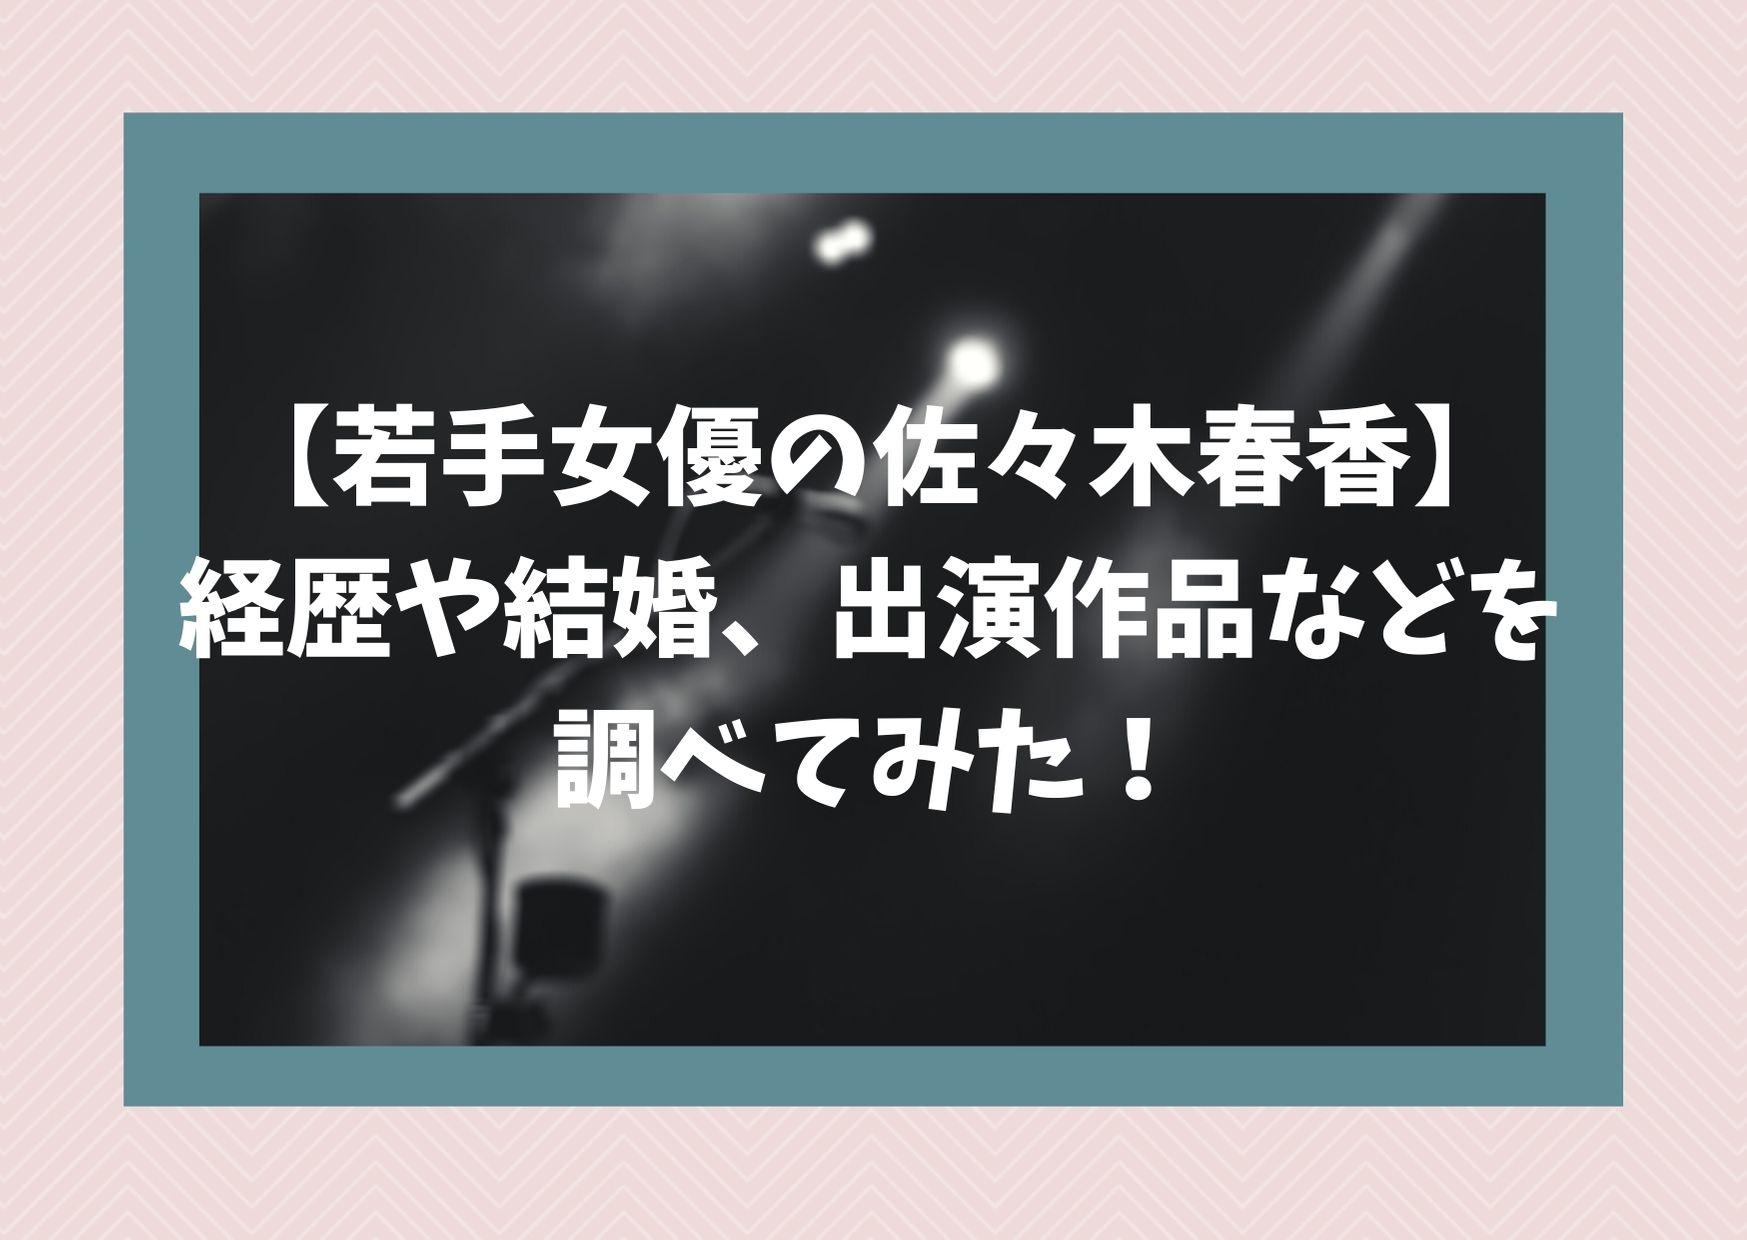 【若手女優の佐々木春香】経歴や結婚、出演作品などを調べてみた!